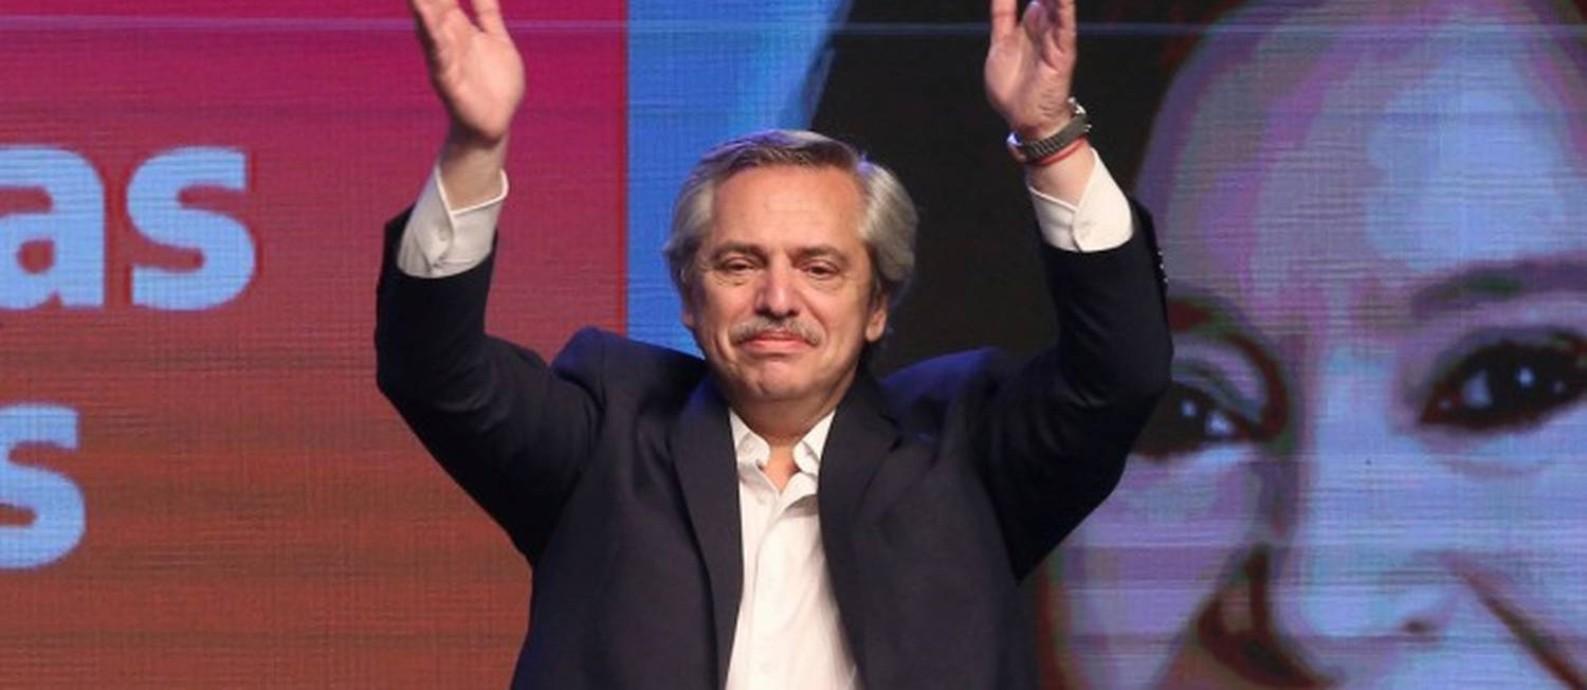 Alberto Fernández celebrando sua vitória logo após anúncio de resultado oficial Foto: AGUSTIN MARCARIAN / REUTERS